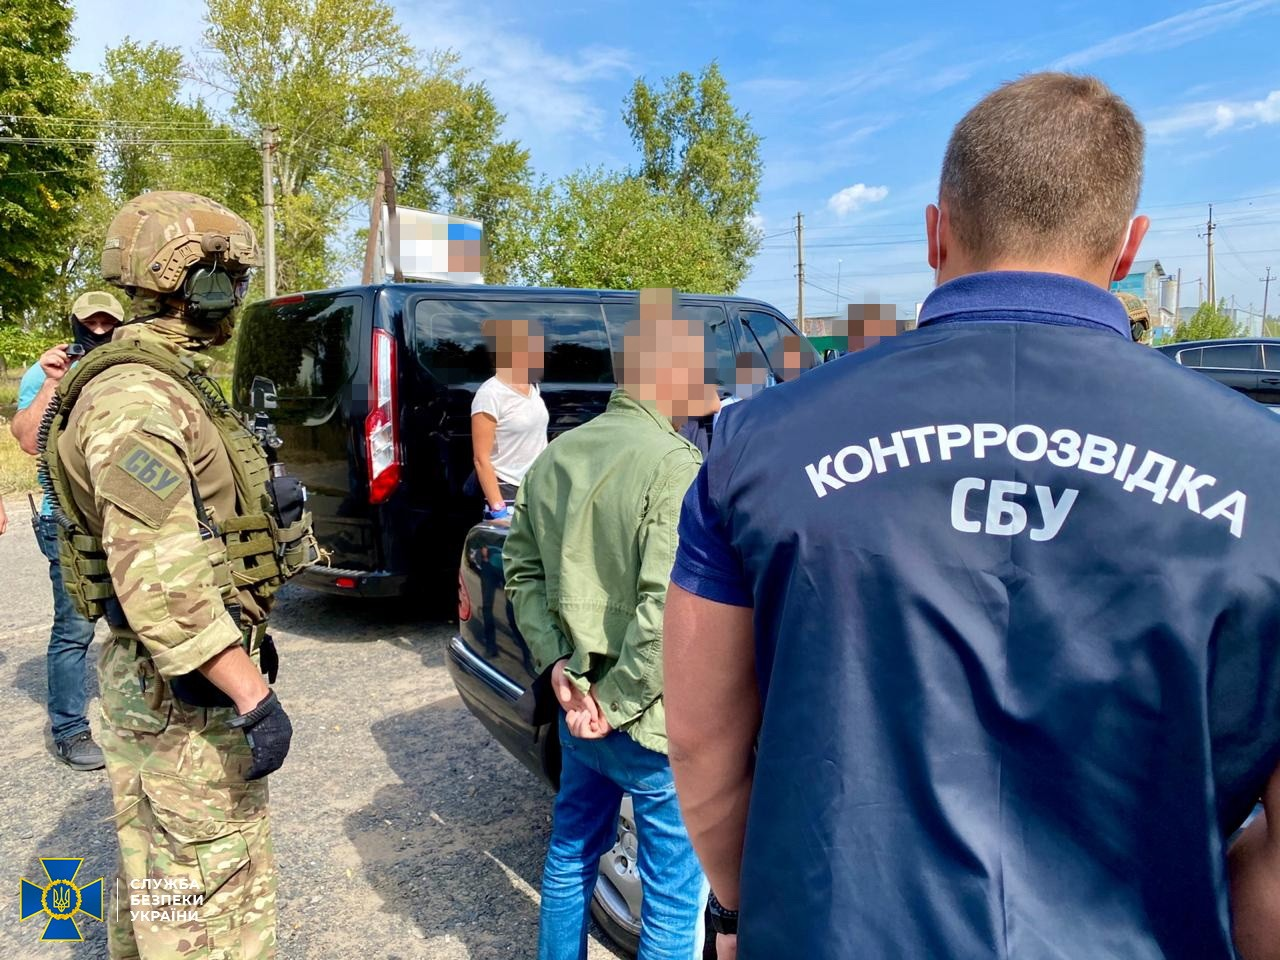 незаконна легалізація росіян